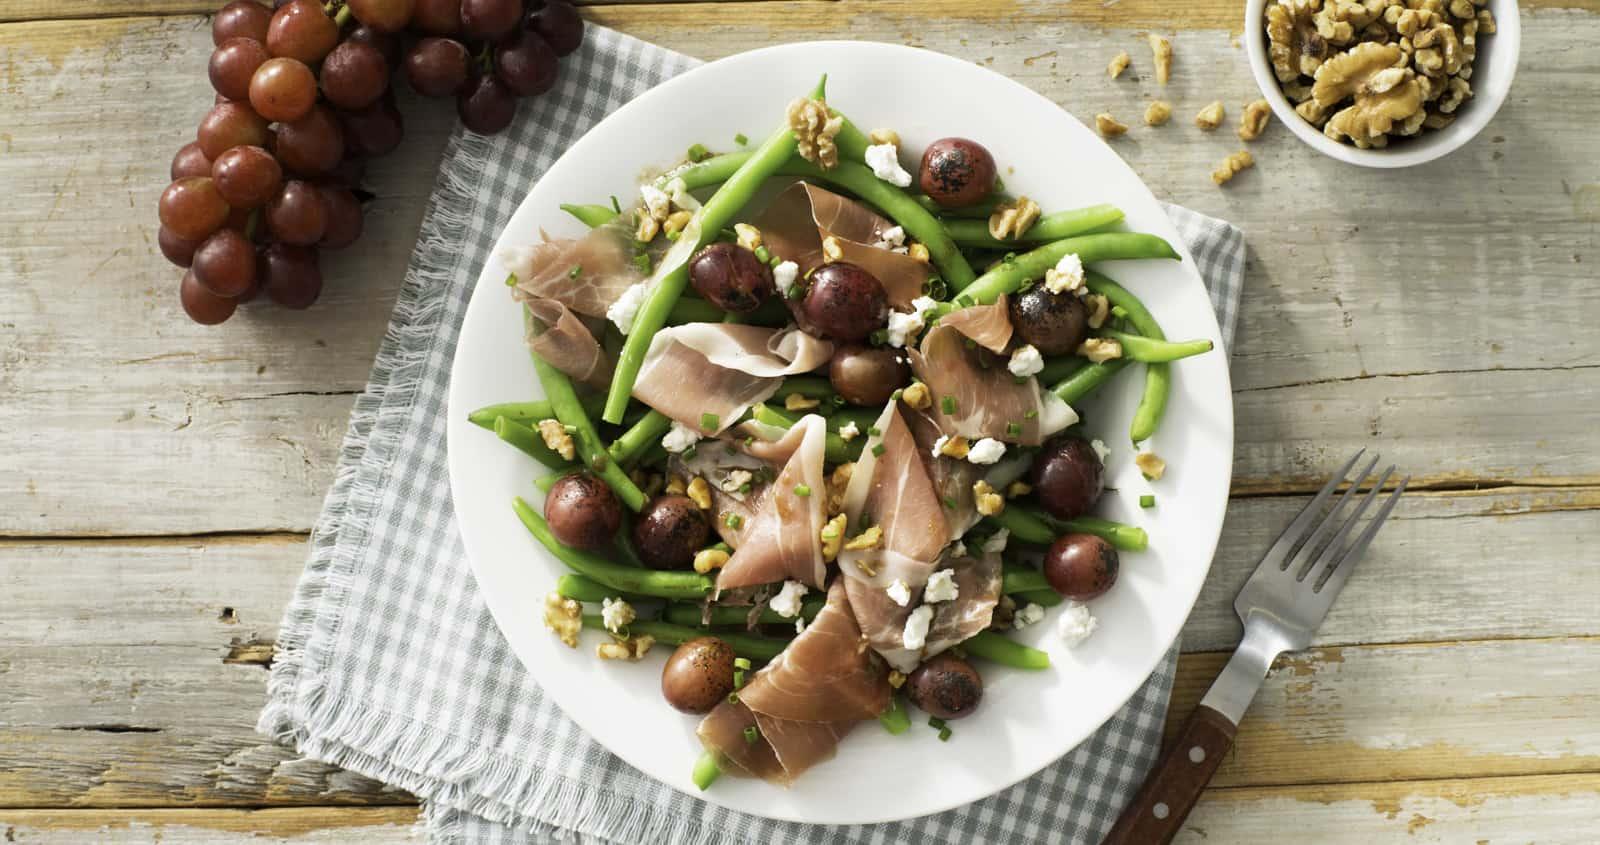 Salade de haricots verts, de prosciutto et de fromage de chèvre garnie de raisins grillés